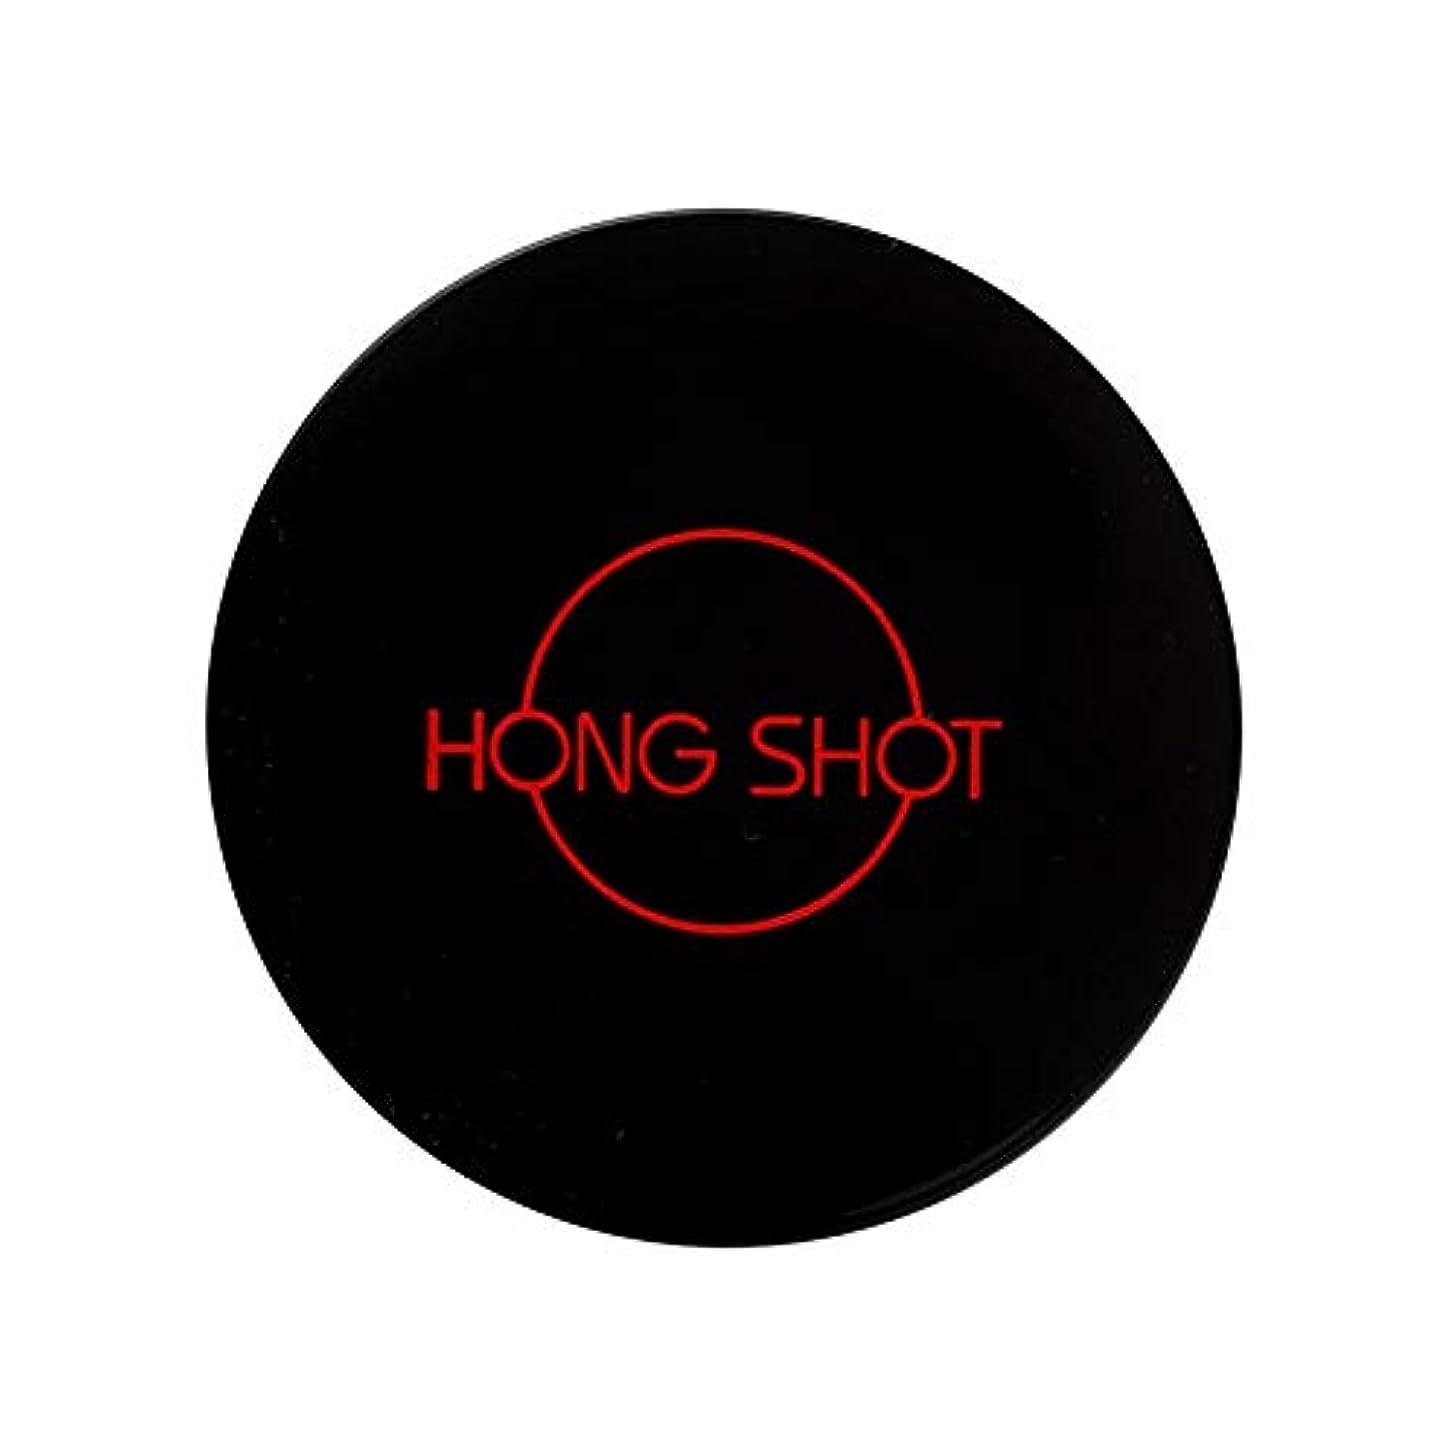 ジュラシックパーク場所誠実さ[HONG SHOT] ホンシャトパワーラスティングコンシルファクト 16g / HONGSHOT POWER LASTING CONCEAL PACT 16g / Hongjinyoung PACT [並行輸入品] (...